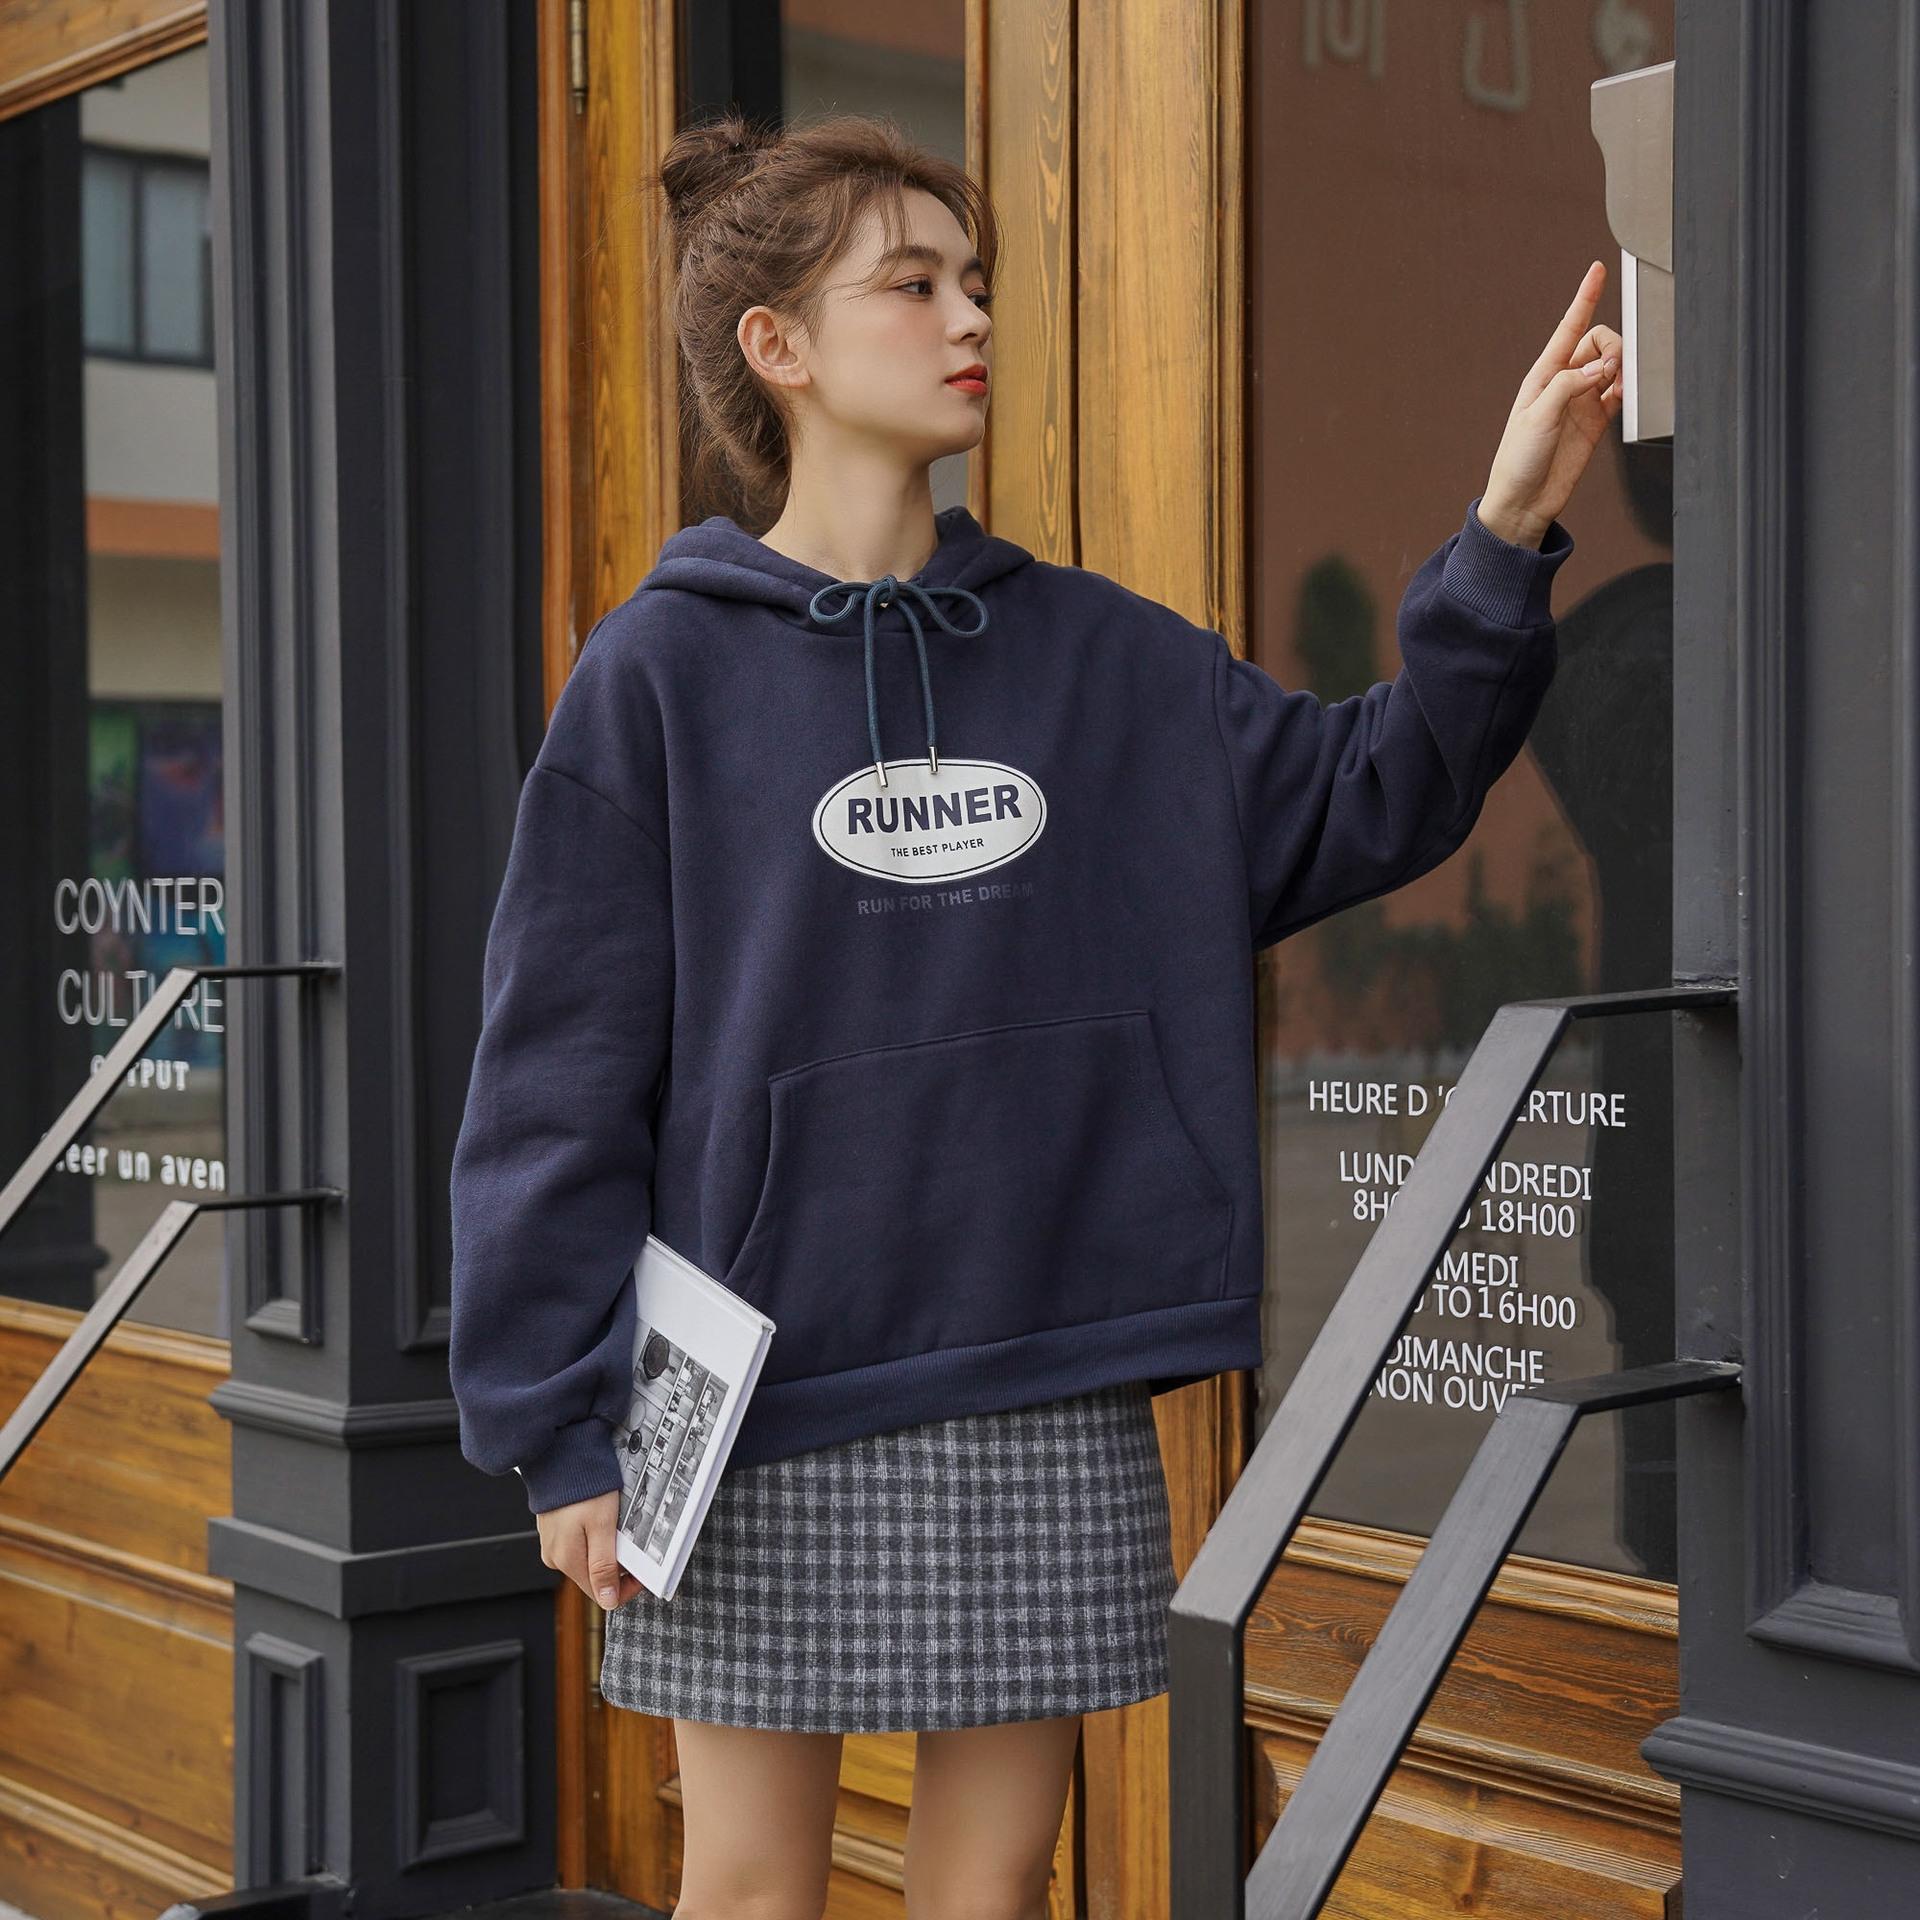 Otoño 2020 versión coreana de la letra de la impresión floja ocasional estudiante sweatersimplestyle capucha chica Otoño 2020 versión coreana de suéter